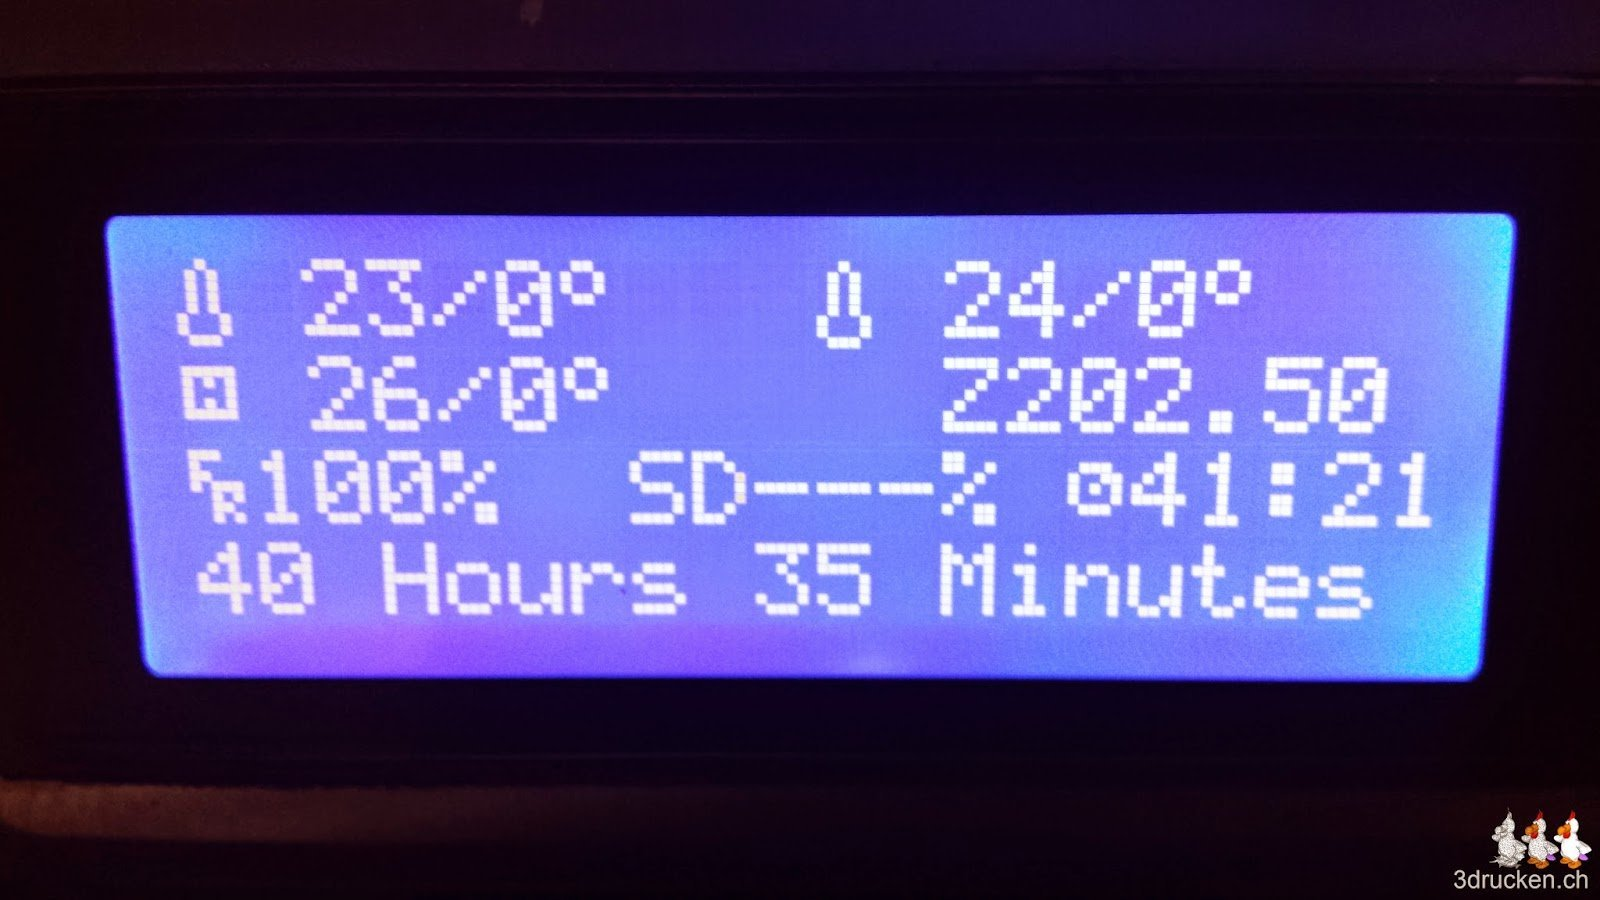 Foto von der Anzeige der totalen Druckzeit 40h 35min des Eiffelturms auf dem Sharebot Next Generation